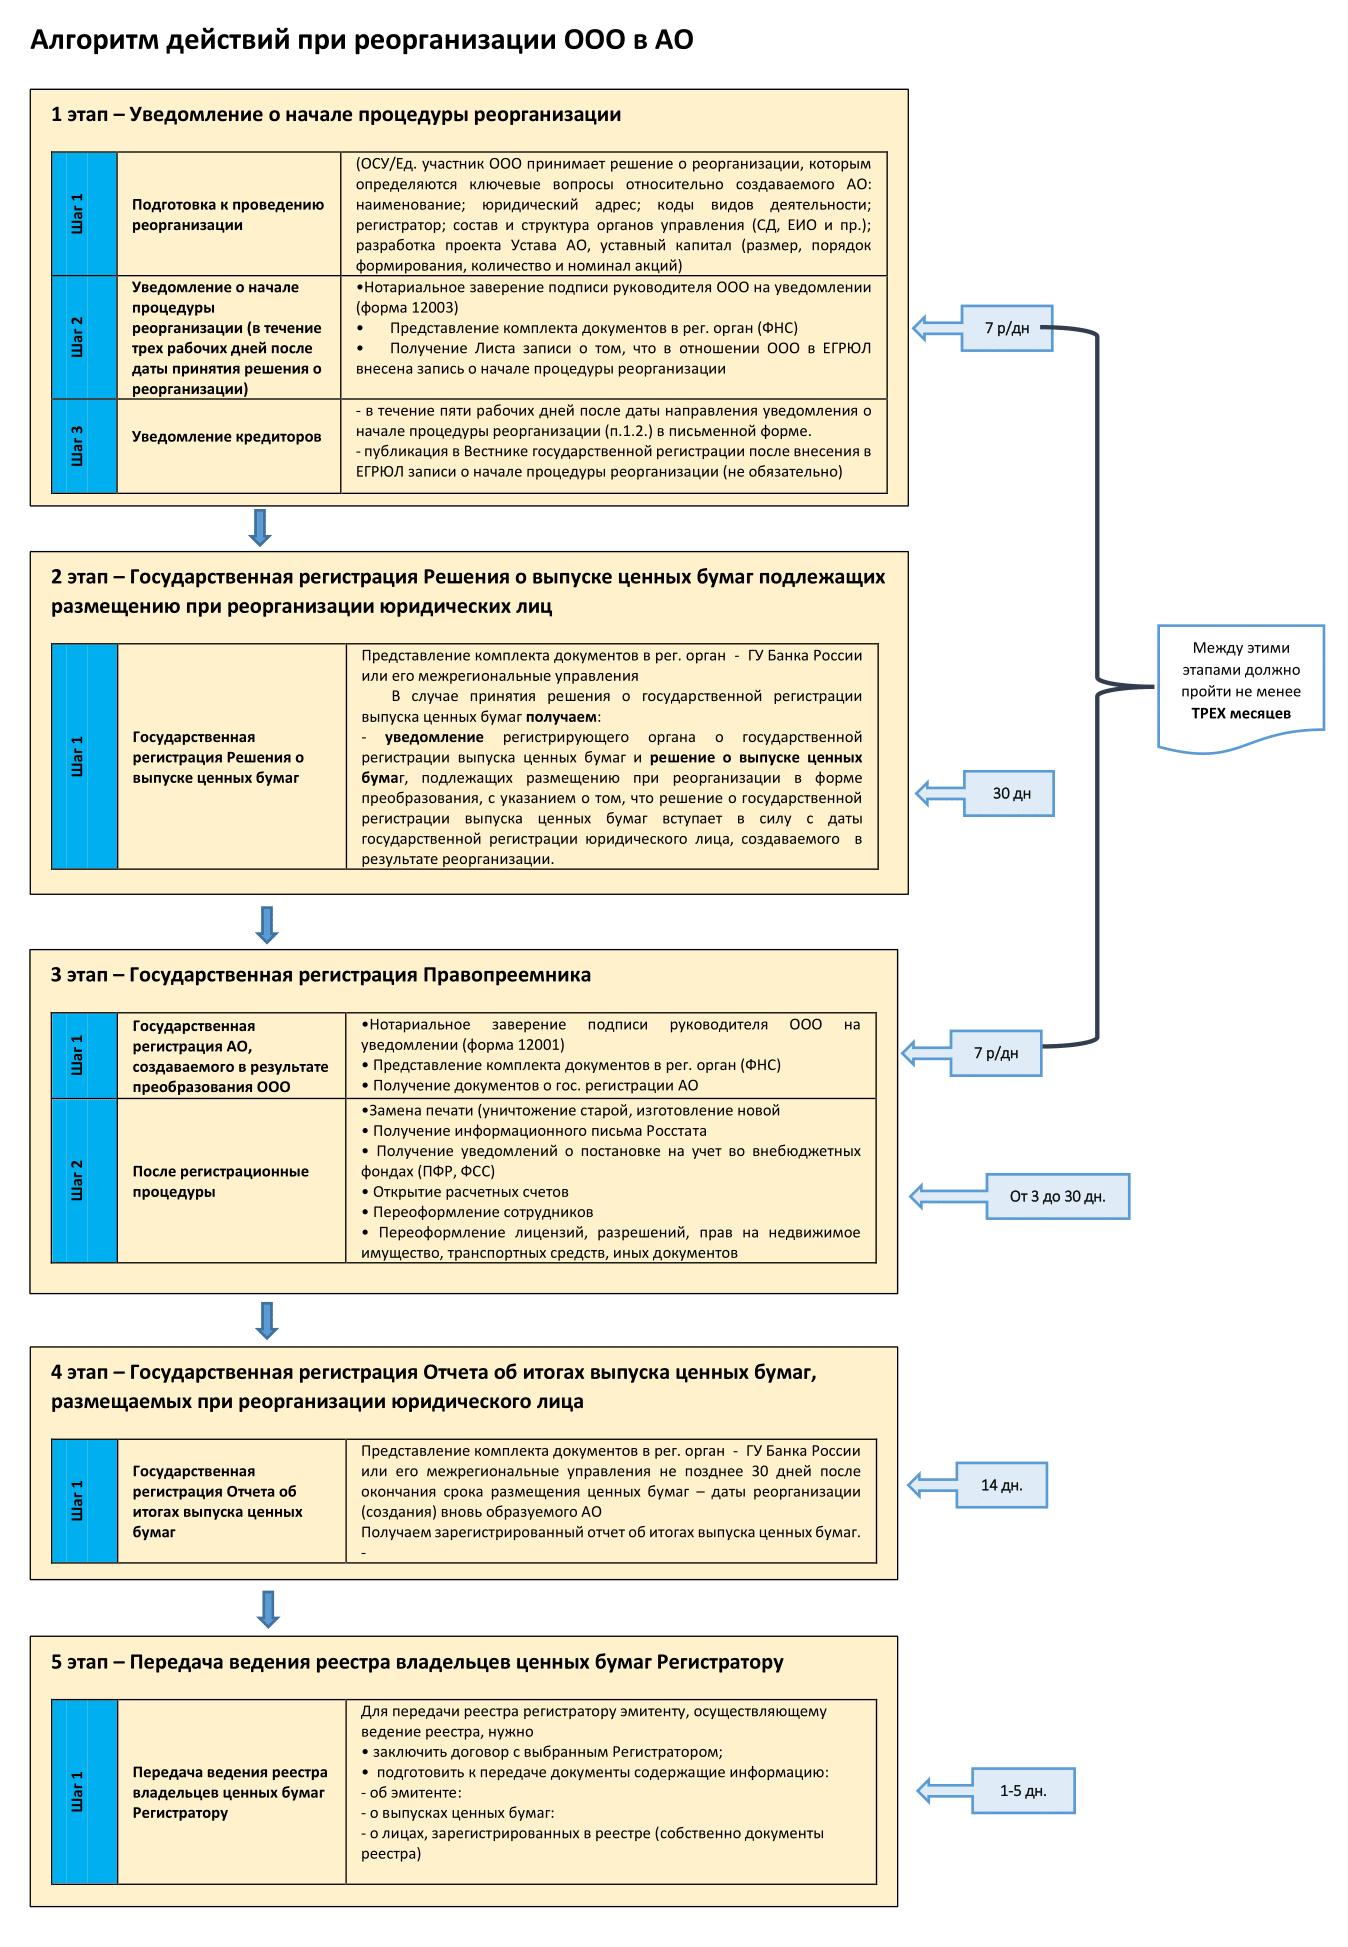 Пошаговая инструкция реорганизации в форме преобразования